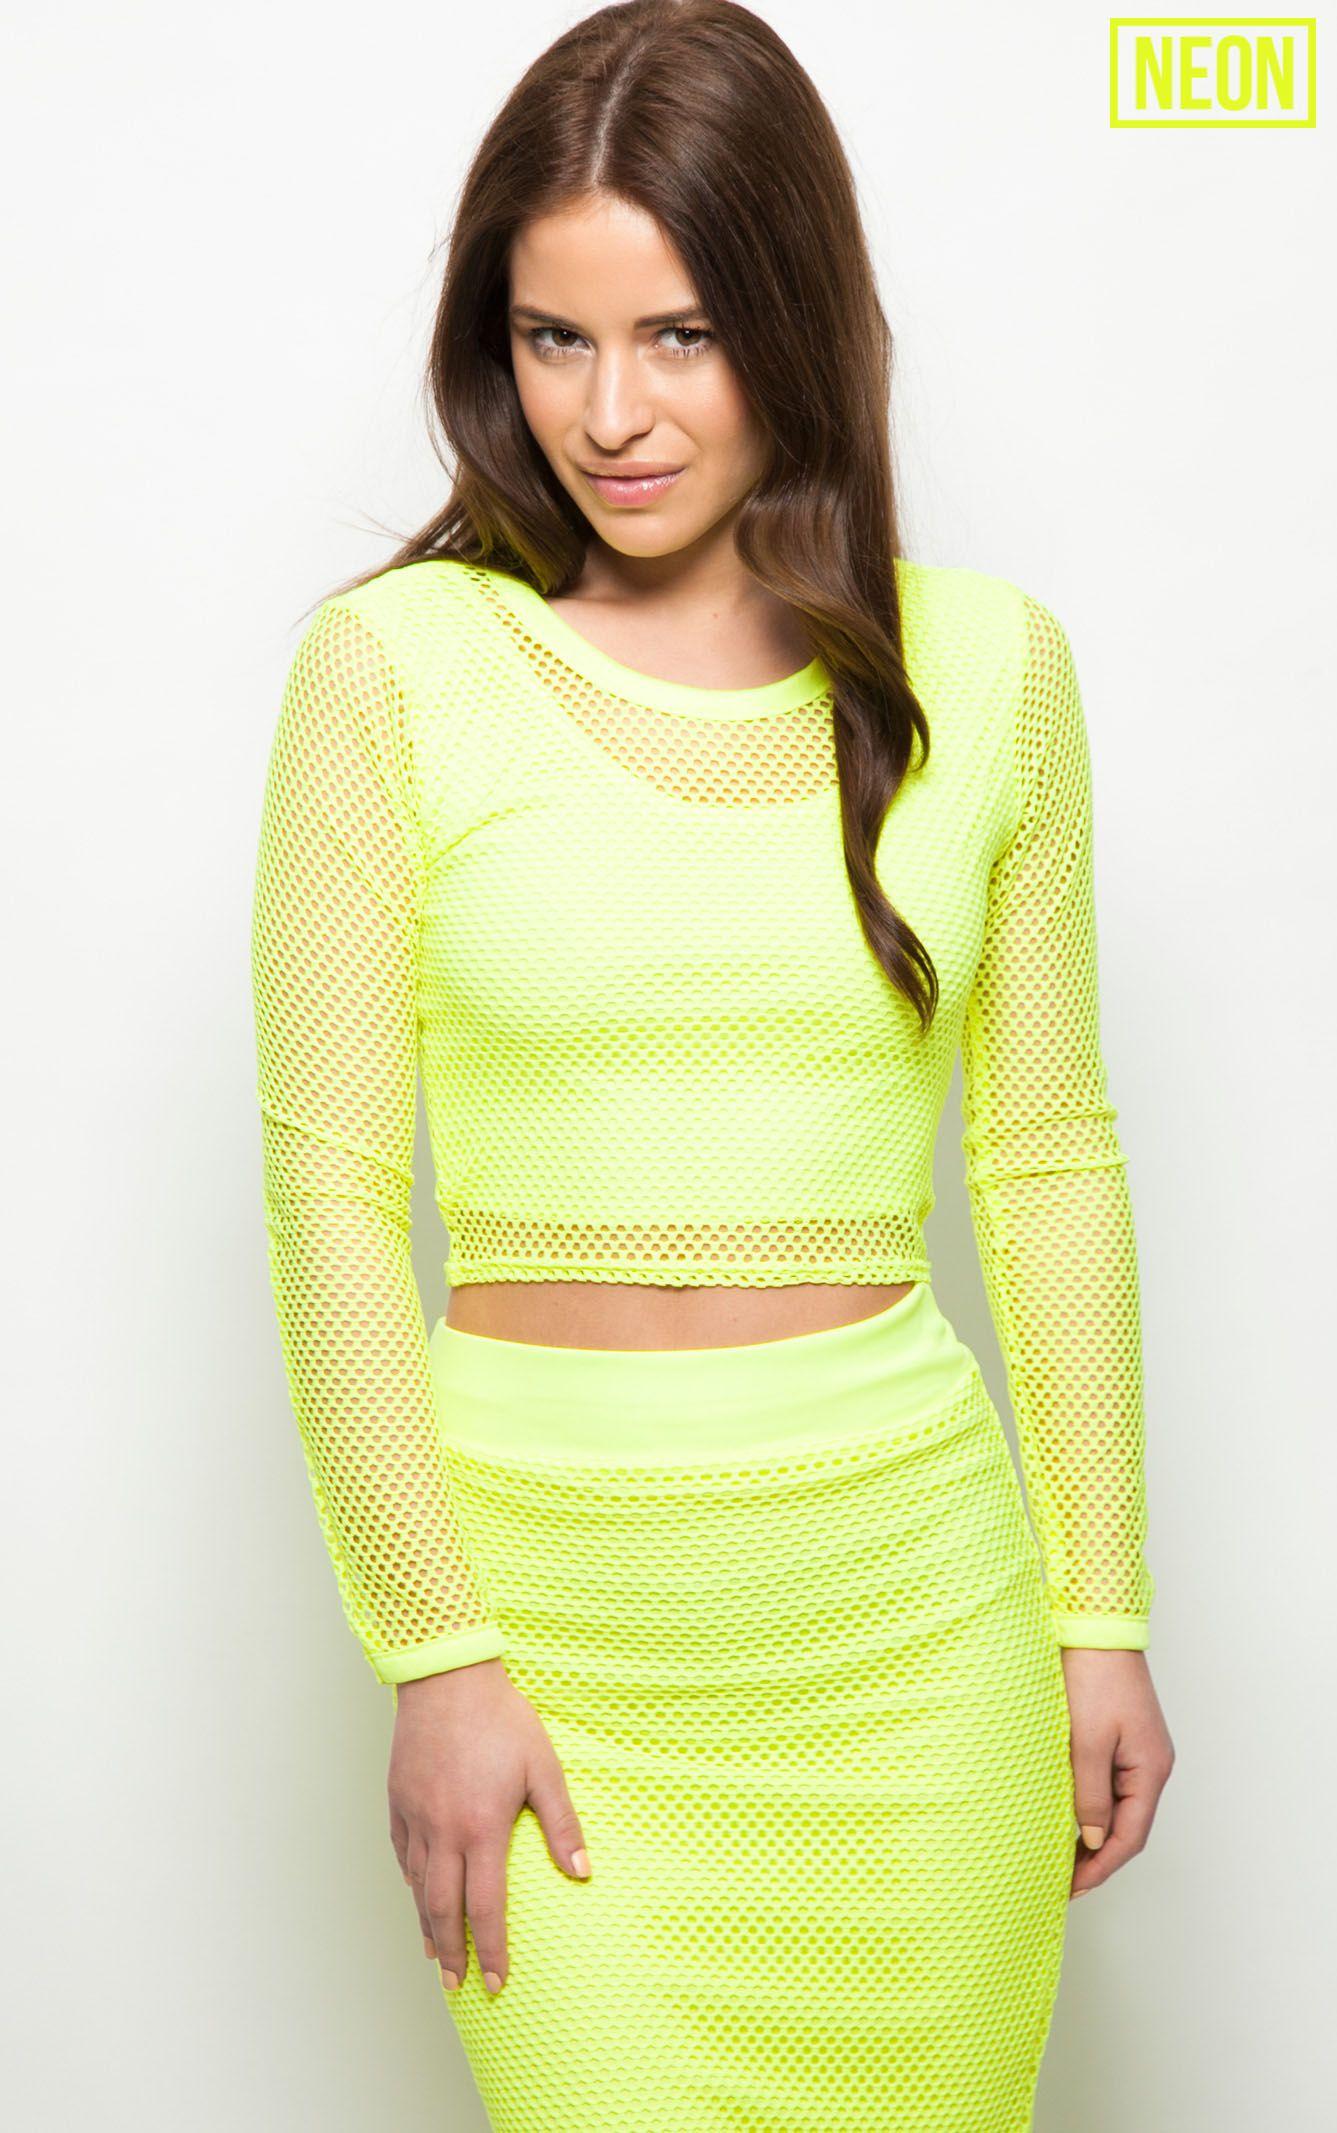 Eleanor Neon Yellow Fishnet Long Sleeve Crop Top 1